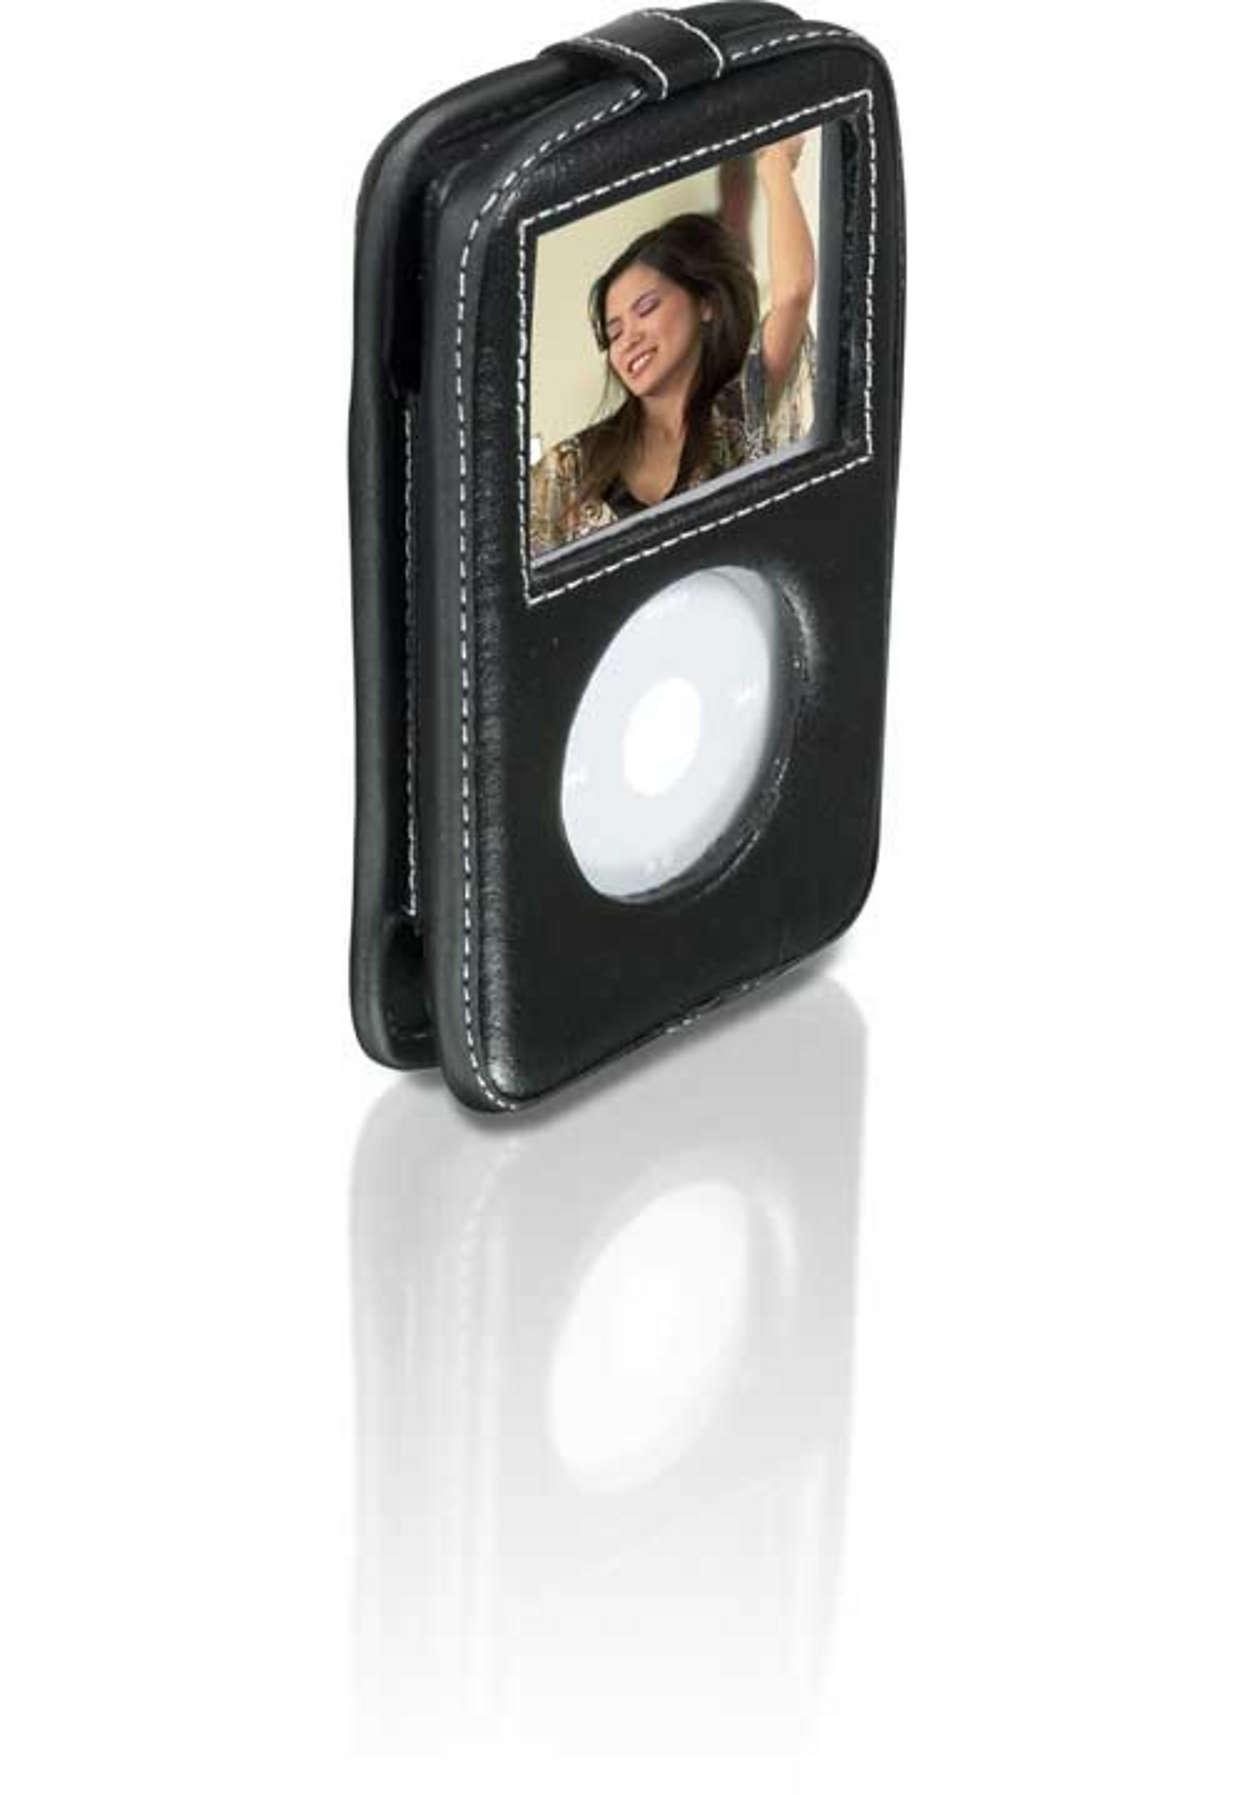 Protégez votre iPod avec style